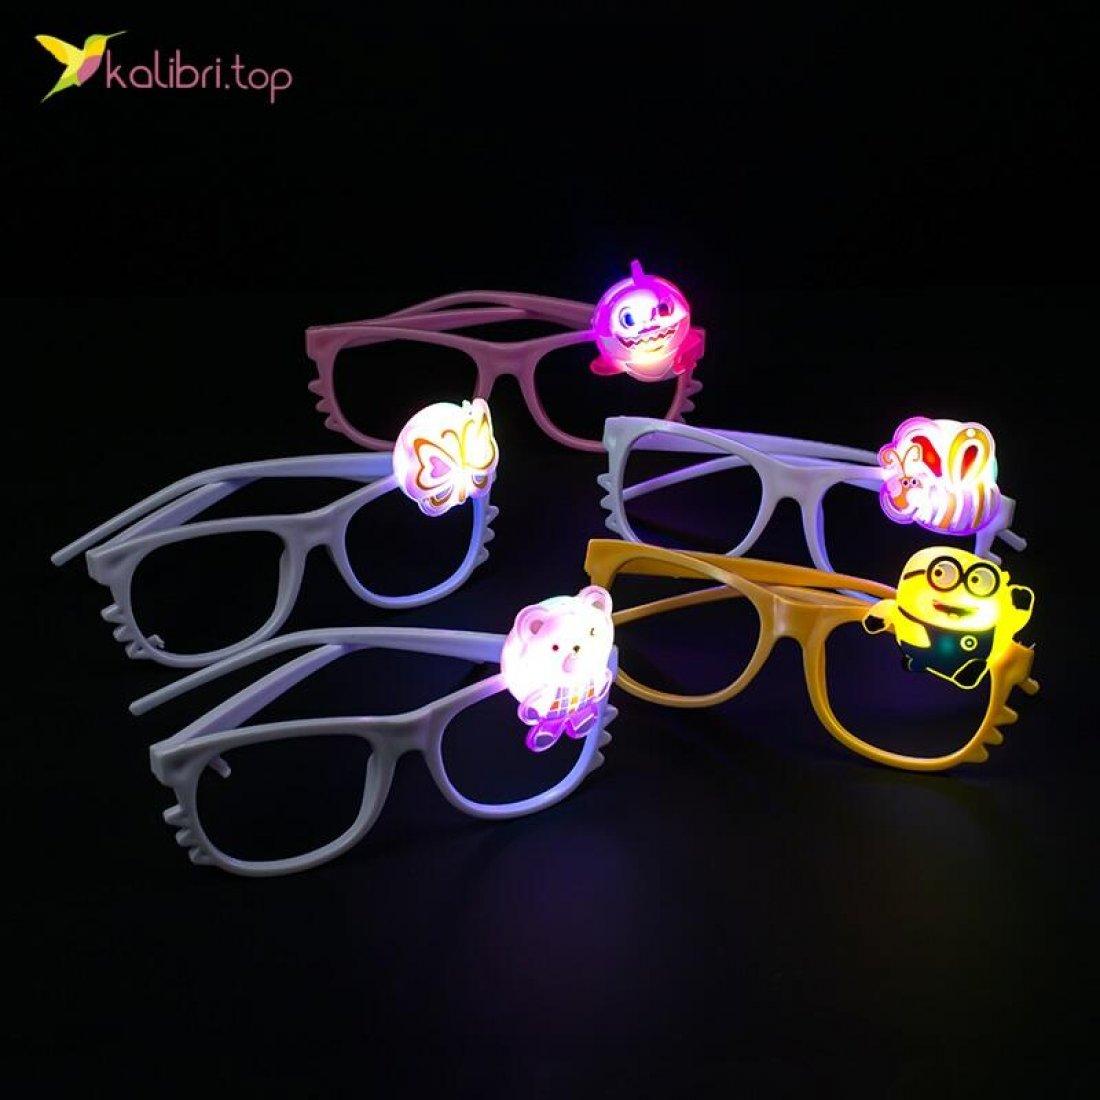 Светодиодные очки Микс мультяшек оптом фото 047